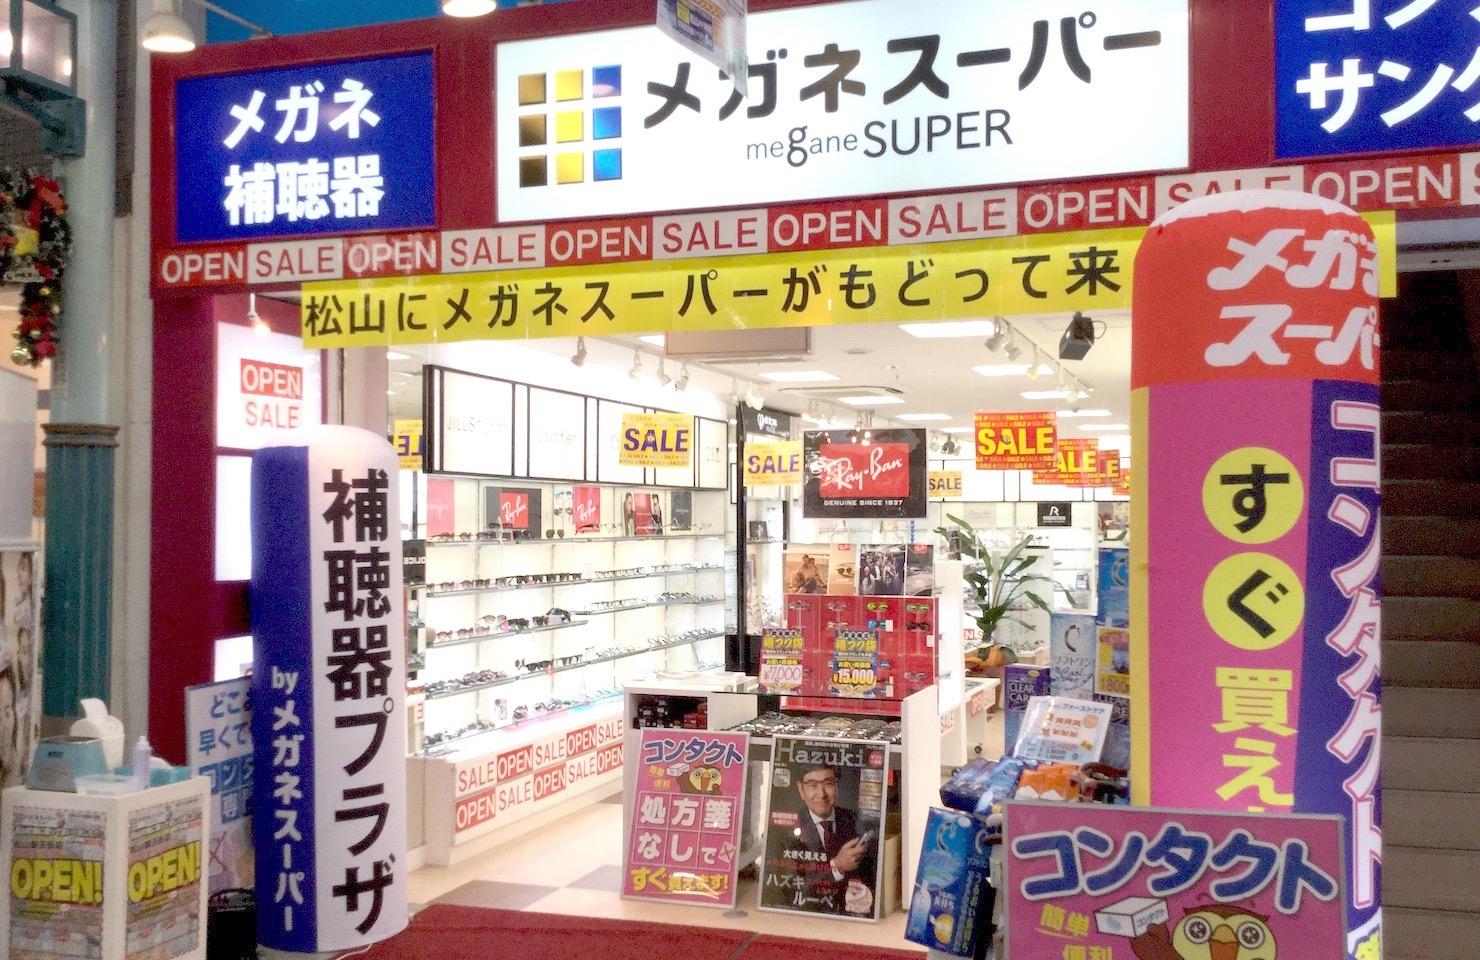 メガネスーパー 松山銀天街店